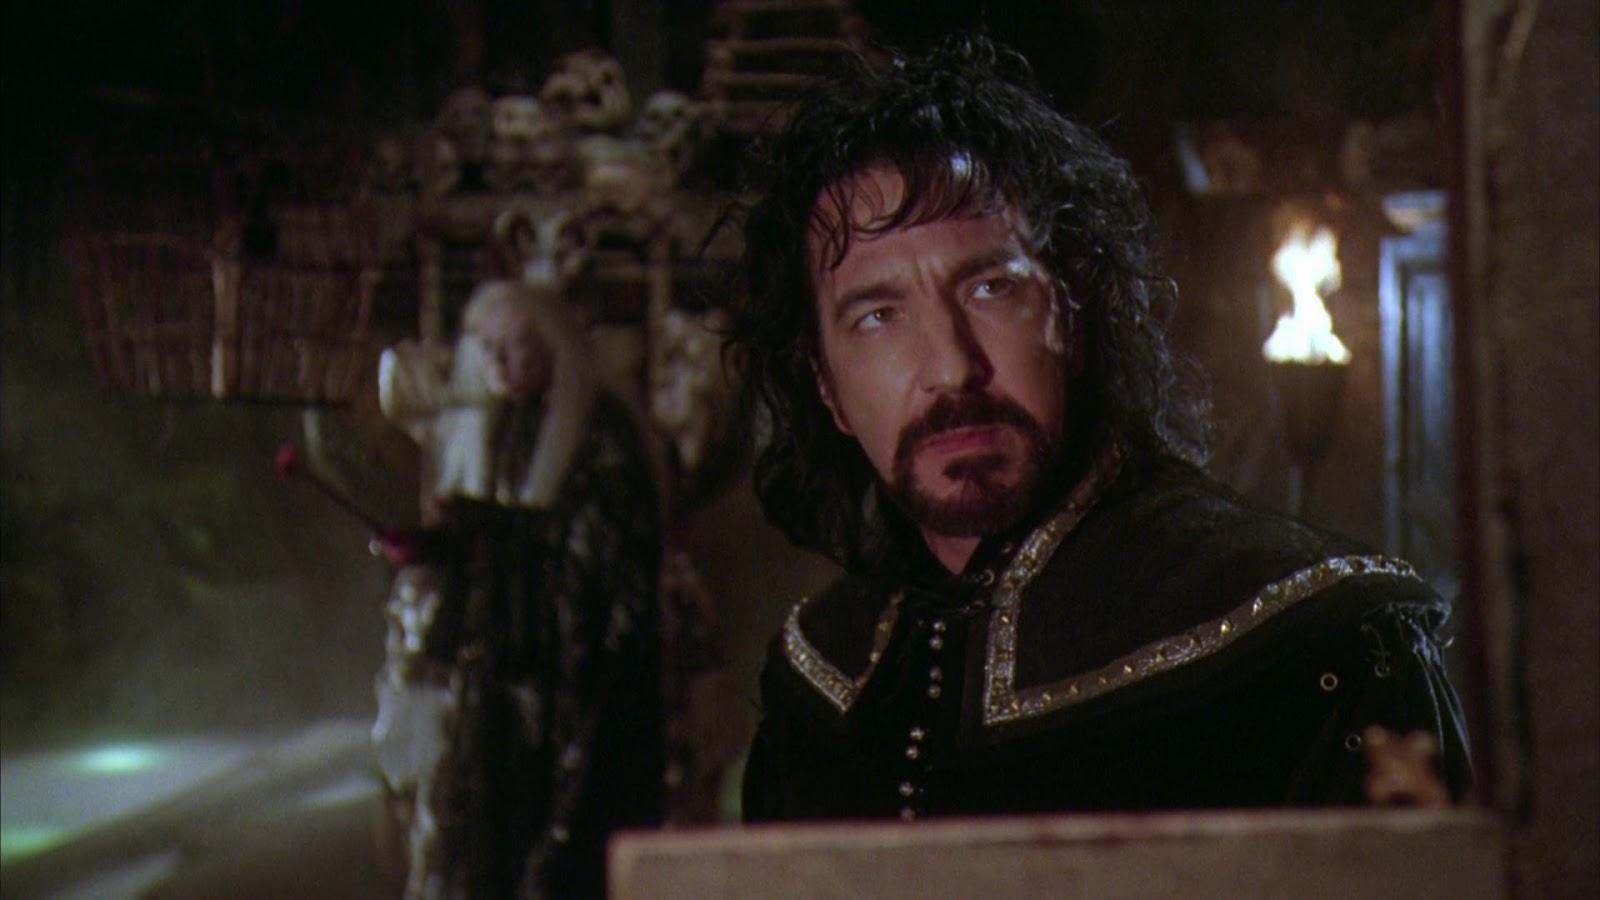 Robin Hood - Principe dei ladri (1991): siamo tutti fuorilegge 8